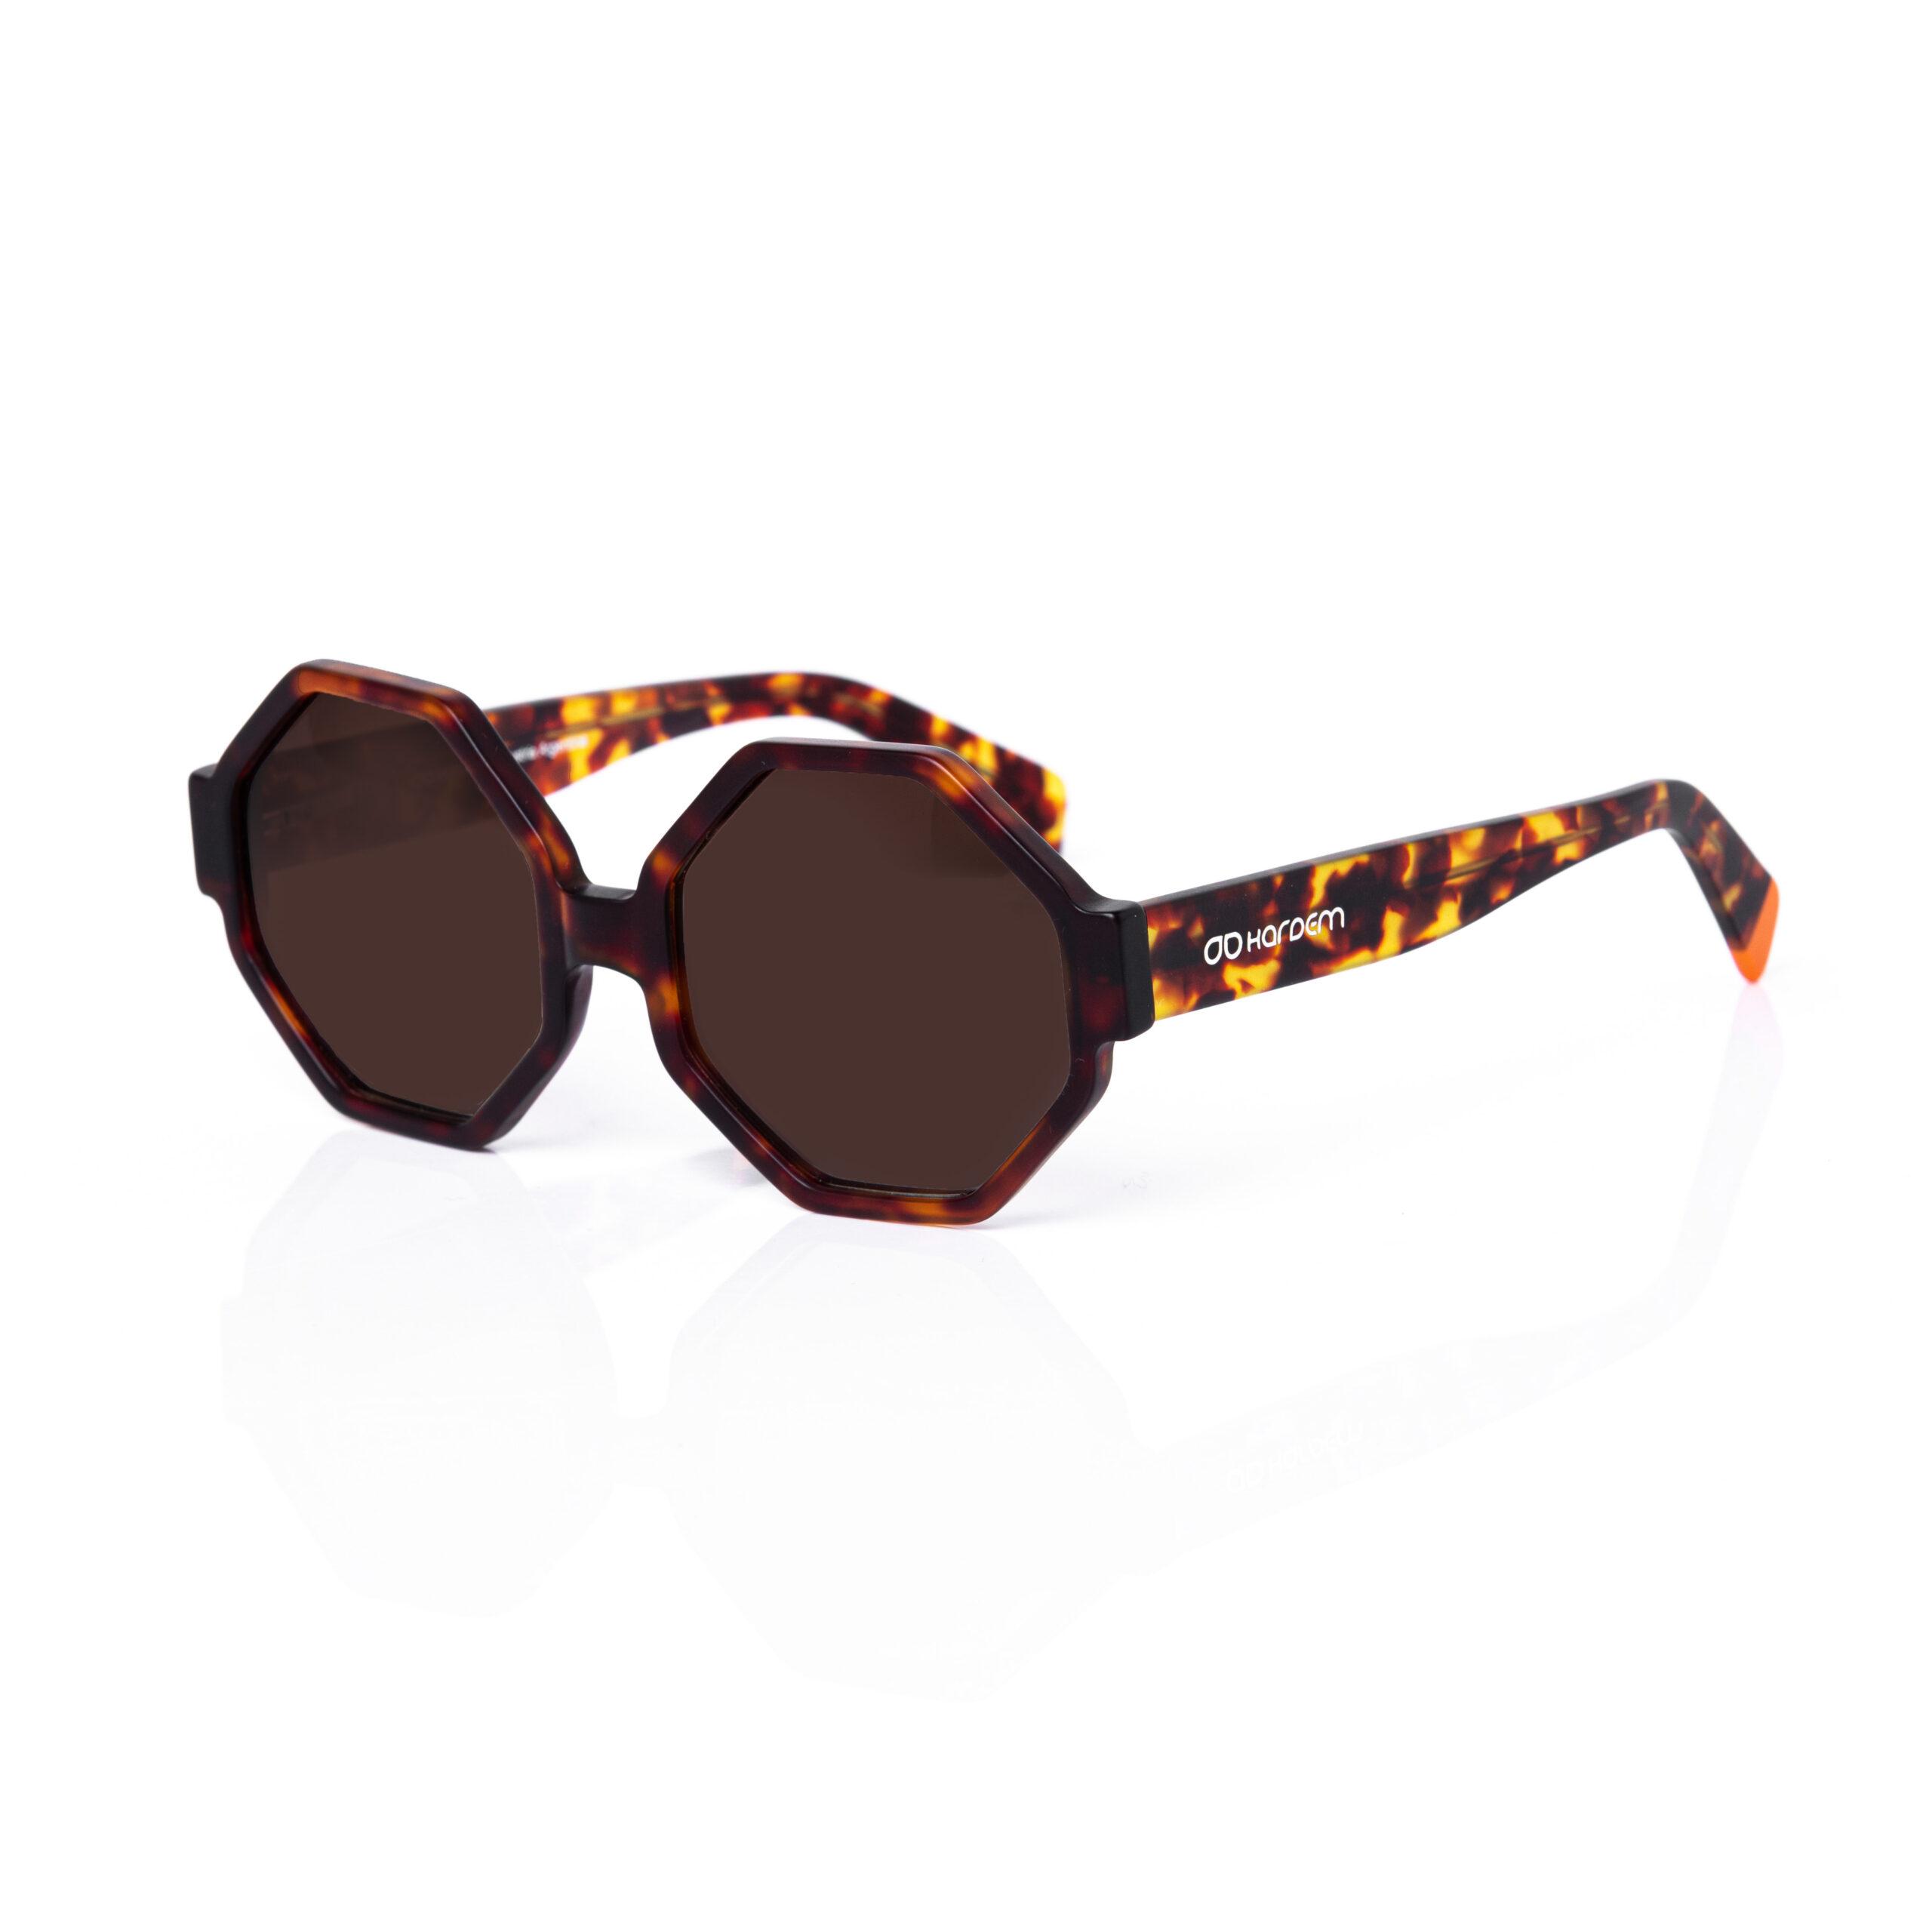 Hardem presenta su colección de anteojos de sol 2021